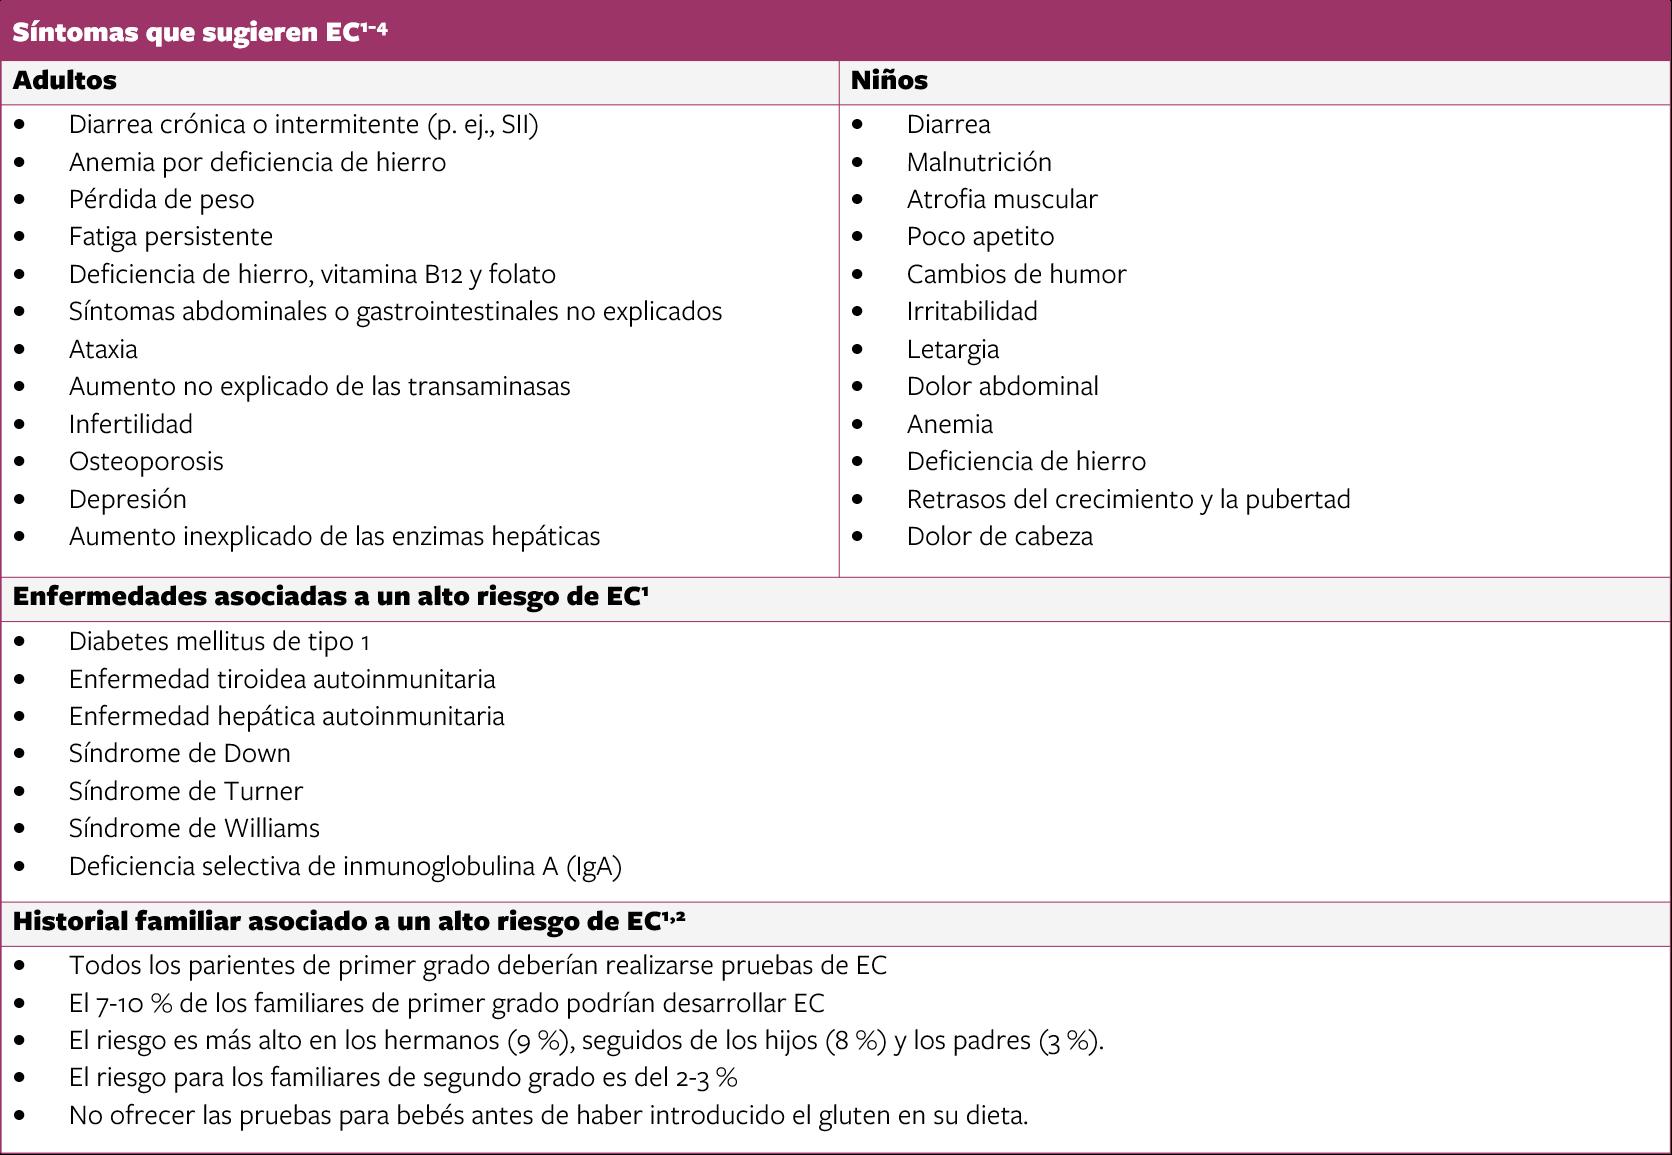 Síntomas que sugieren EC